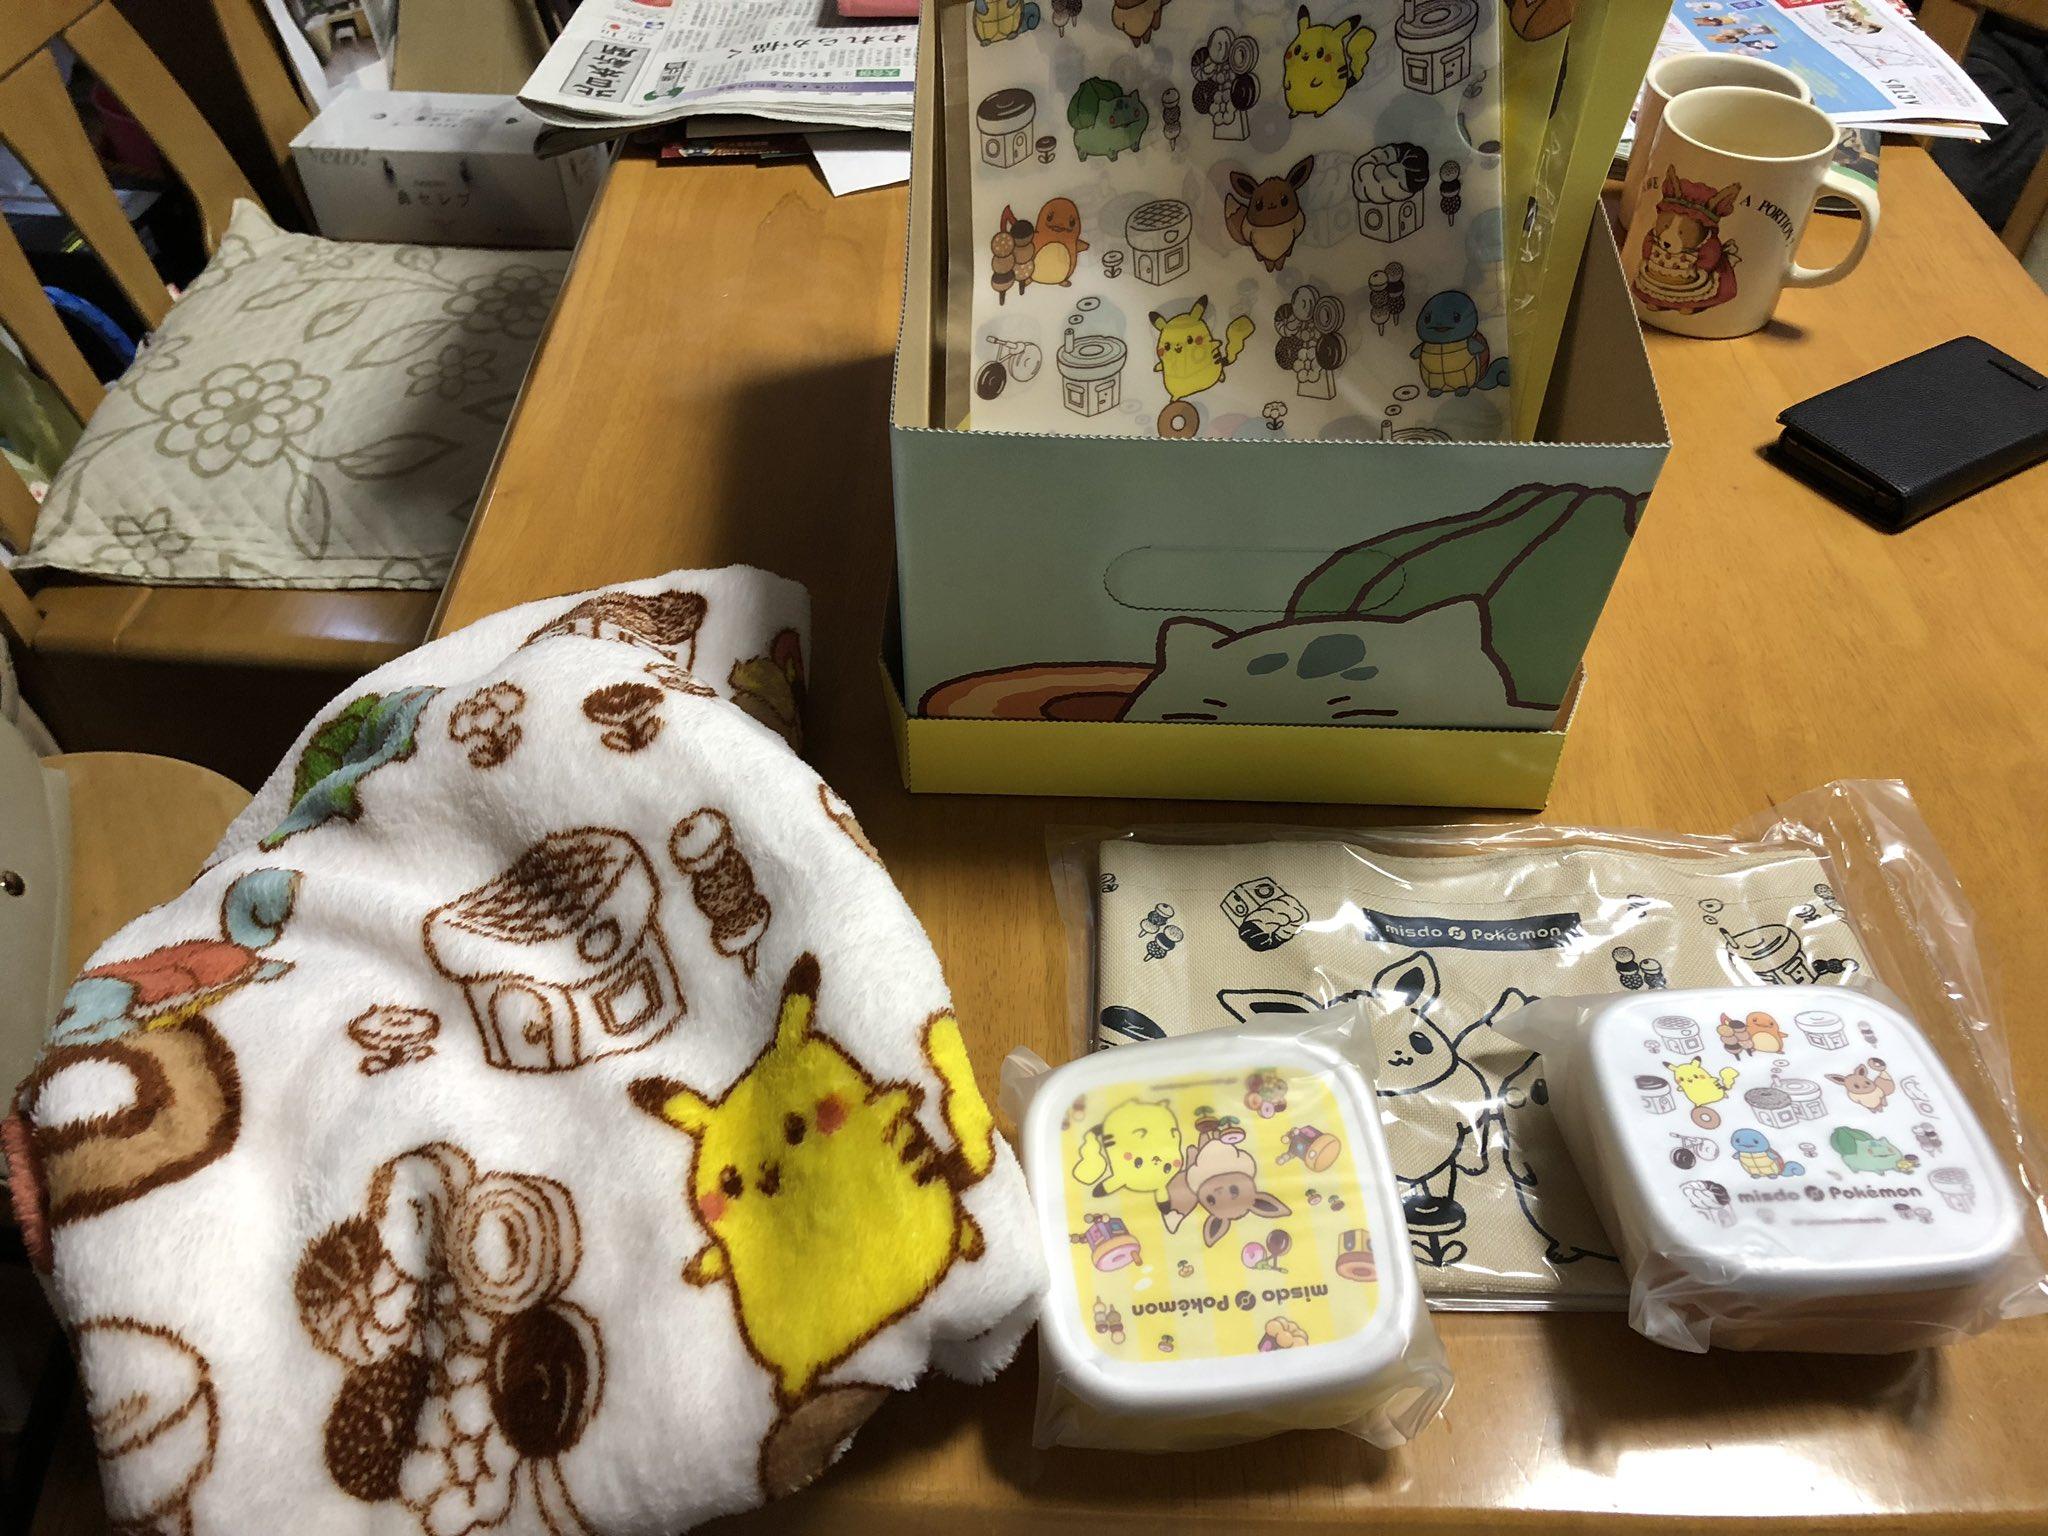 画像,ポケモンの福袋(箱)無事買えました!よかったースタバ初福袋! https://t.co/ELz3Jasg7G。